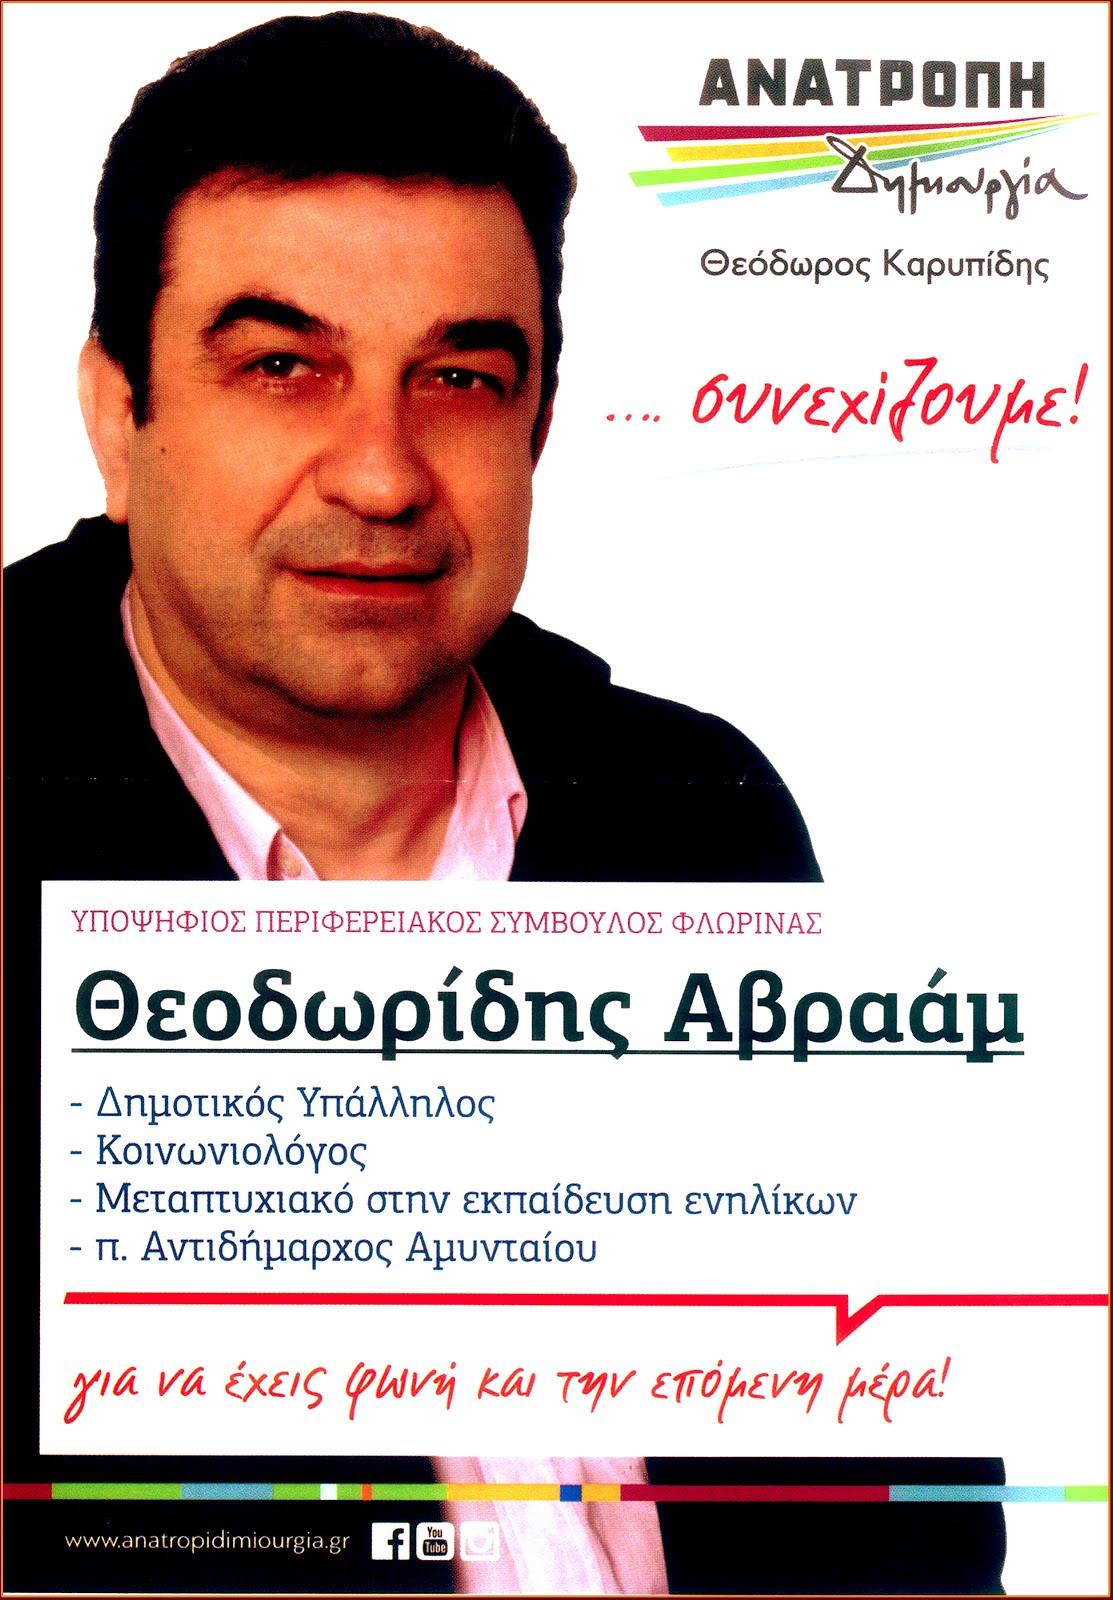 Θεοδωρίδης Αβραάμ - Υποψήφιος Περιφερειακός σύμβουλος με τον συνδυασμό ΑΝΑΤΡΟΠΗ -ΔΗΜΙΟΥΡΓΙΑ